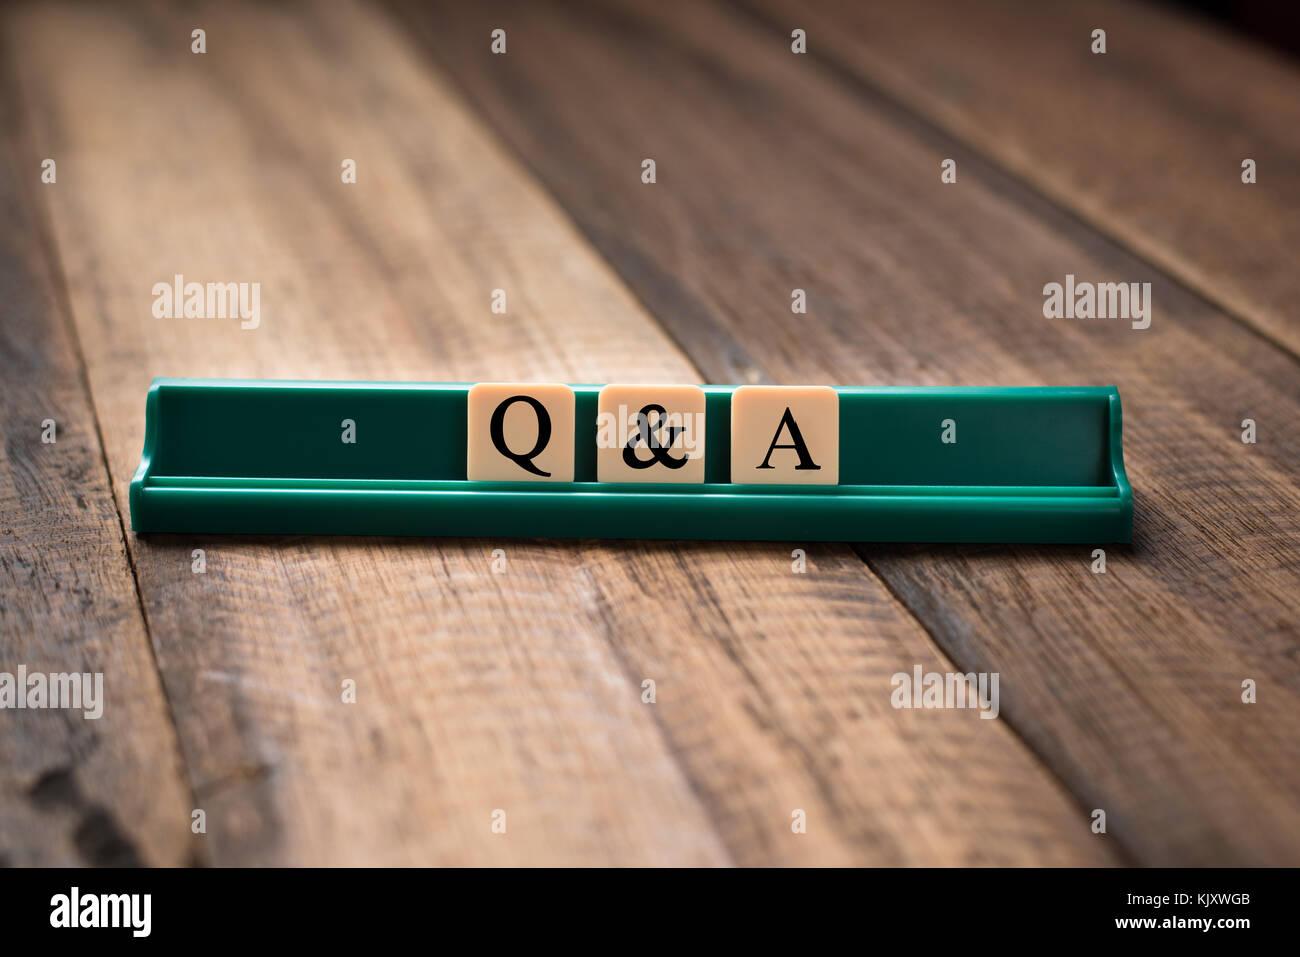 Queations und Antworten Q&A-Konzept. q&a Brief auf alphabet Fliesen auf Holz- Tabelle Stockbild